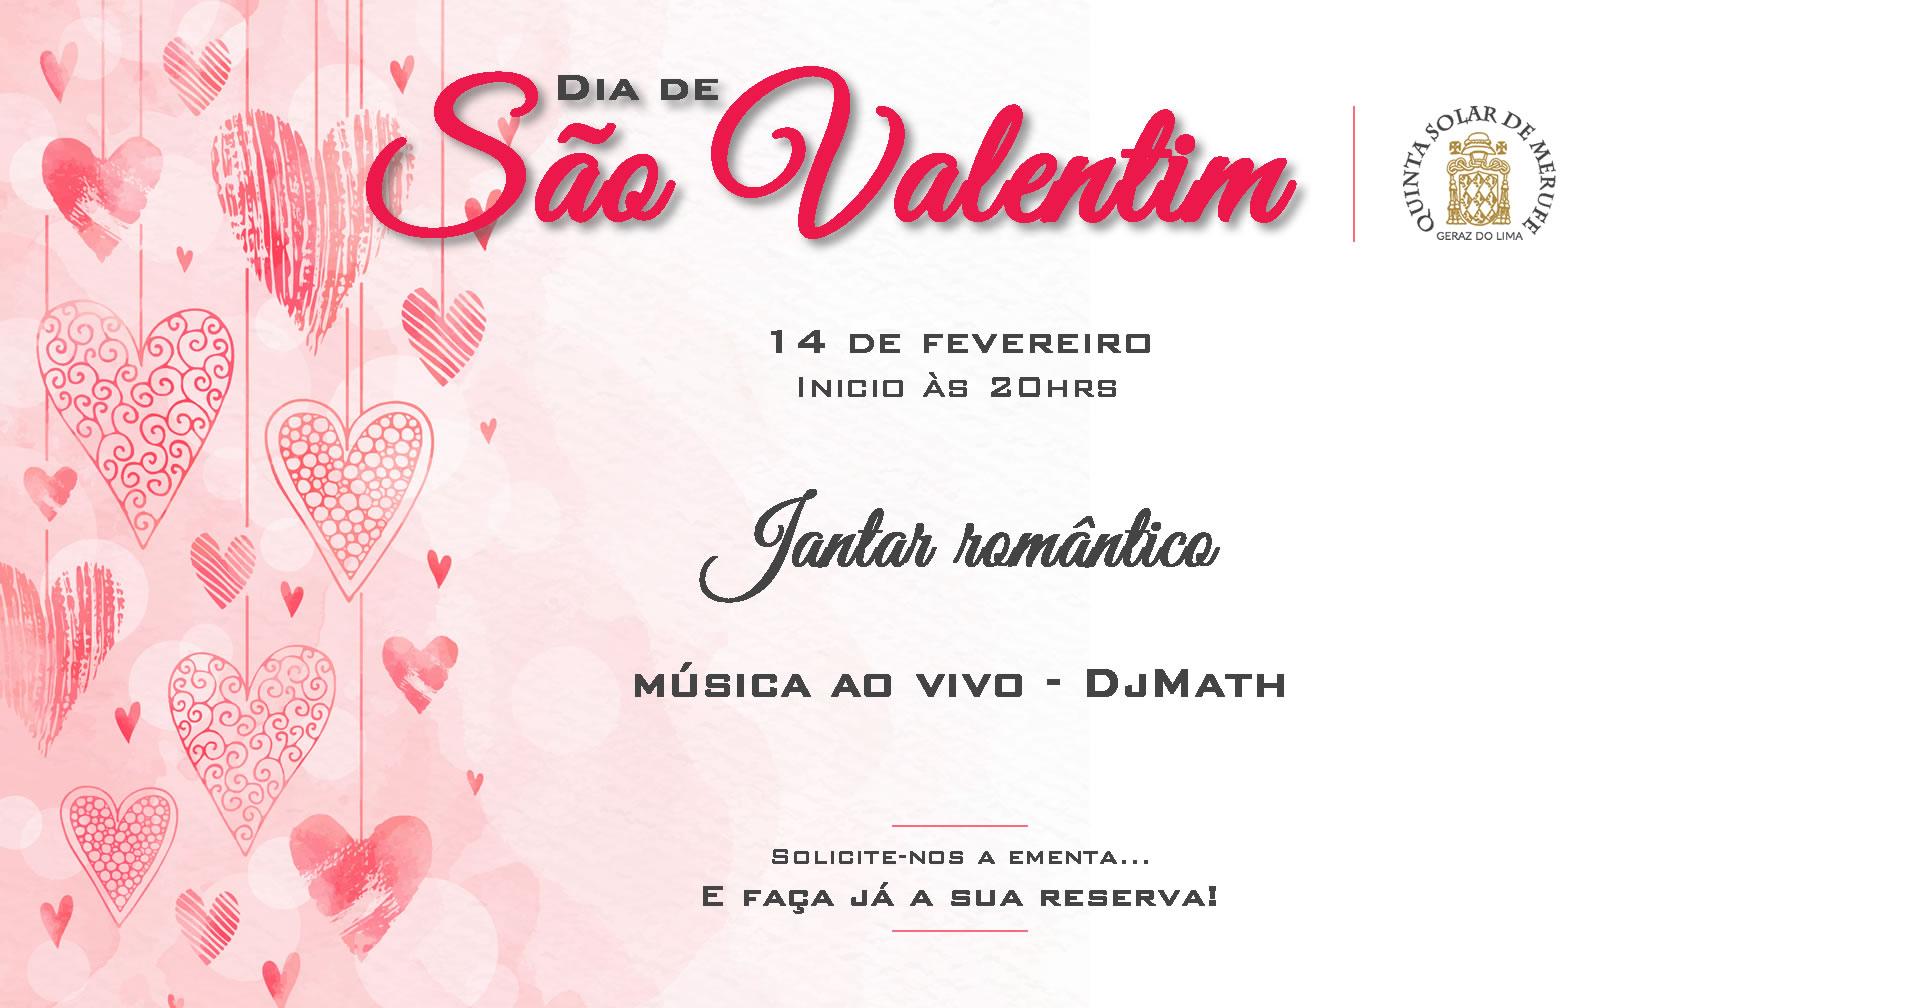 Dia de São Valentim 2019